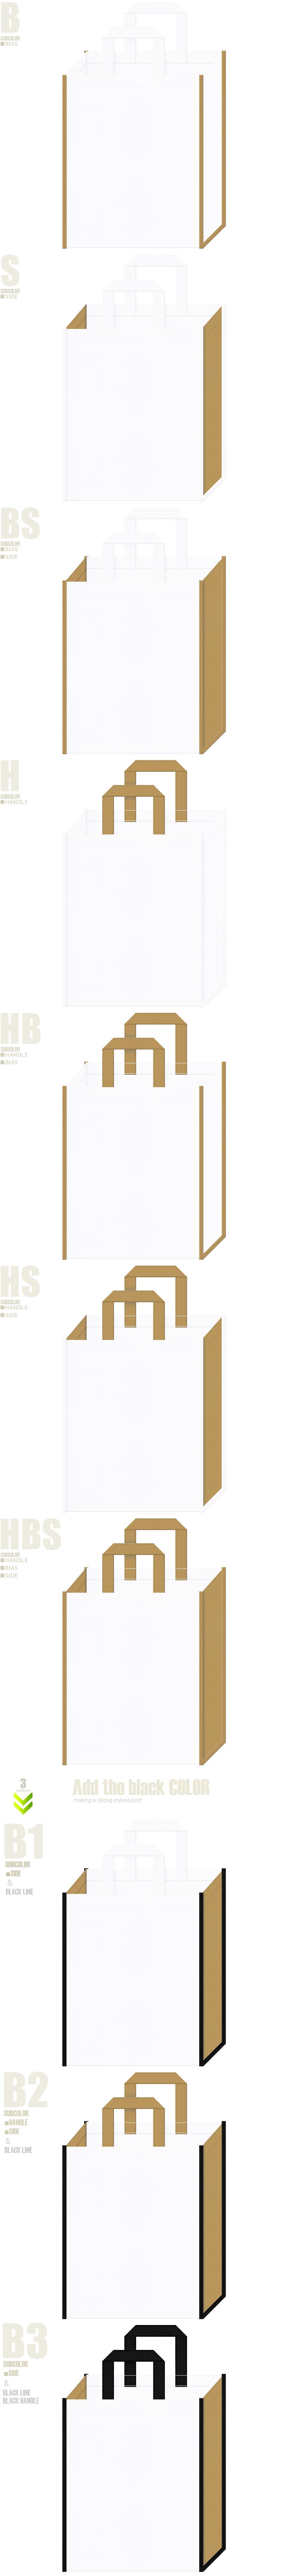 バスタオル・バスローブ・ホテル・アメニティグッズの展示会用バッグにお奨めの不織布バッグデザイン:白色と金黄土色のコーデ10パターン